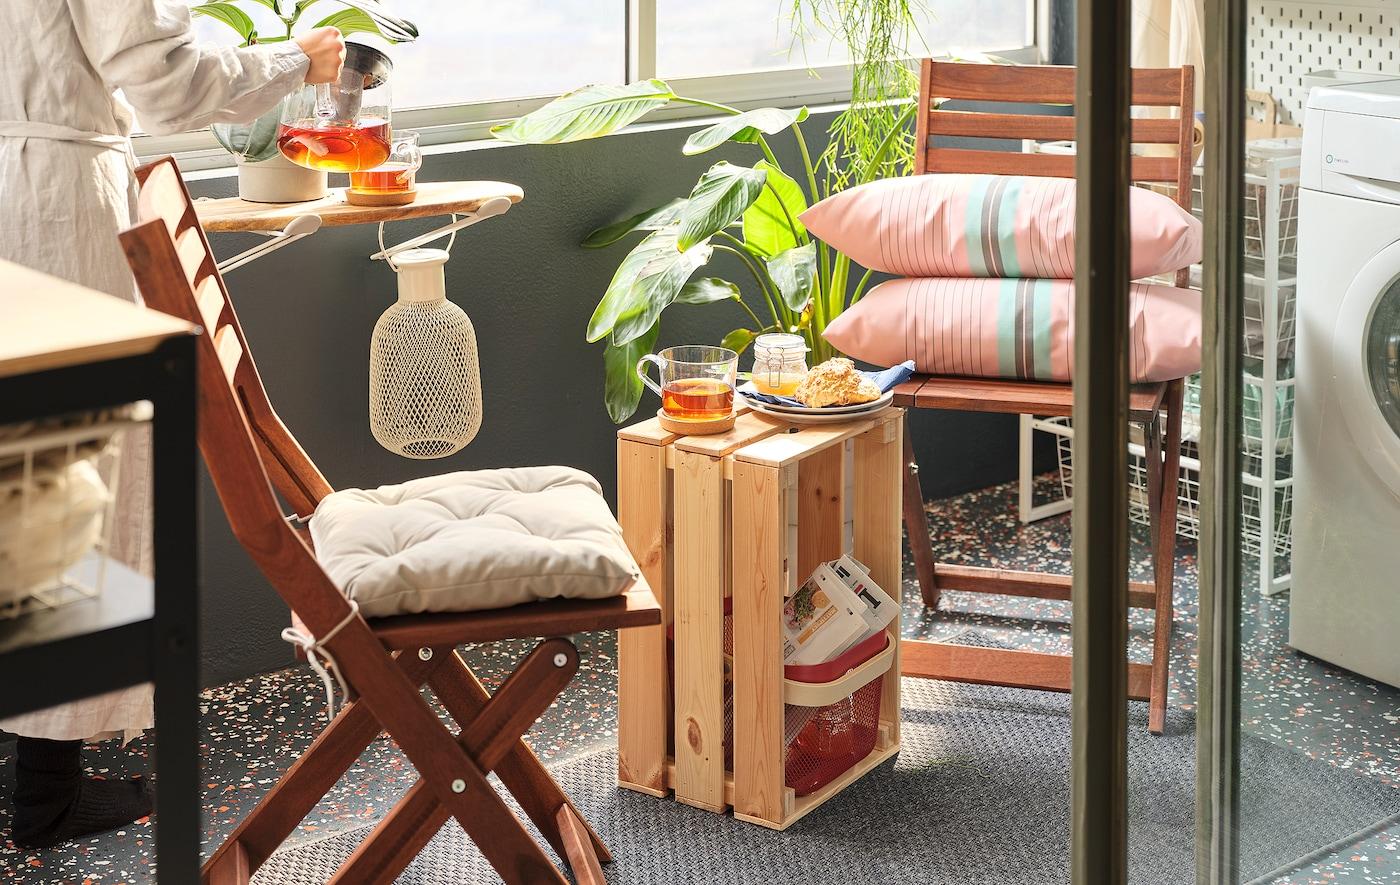 Solrig krog til kaffe på altanen indrettet med klapstole og en KNAGGLIG kasse, der står på højkant og er brugt som et lille bord imellem dem.